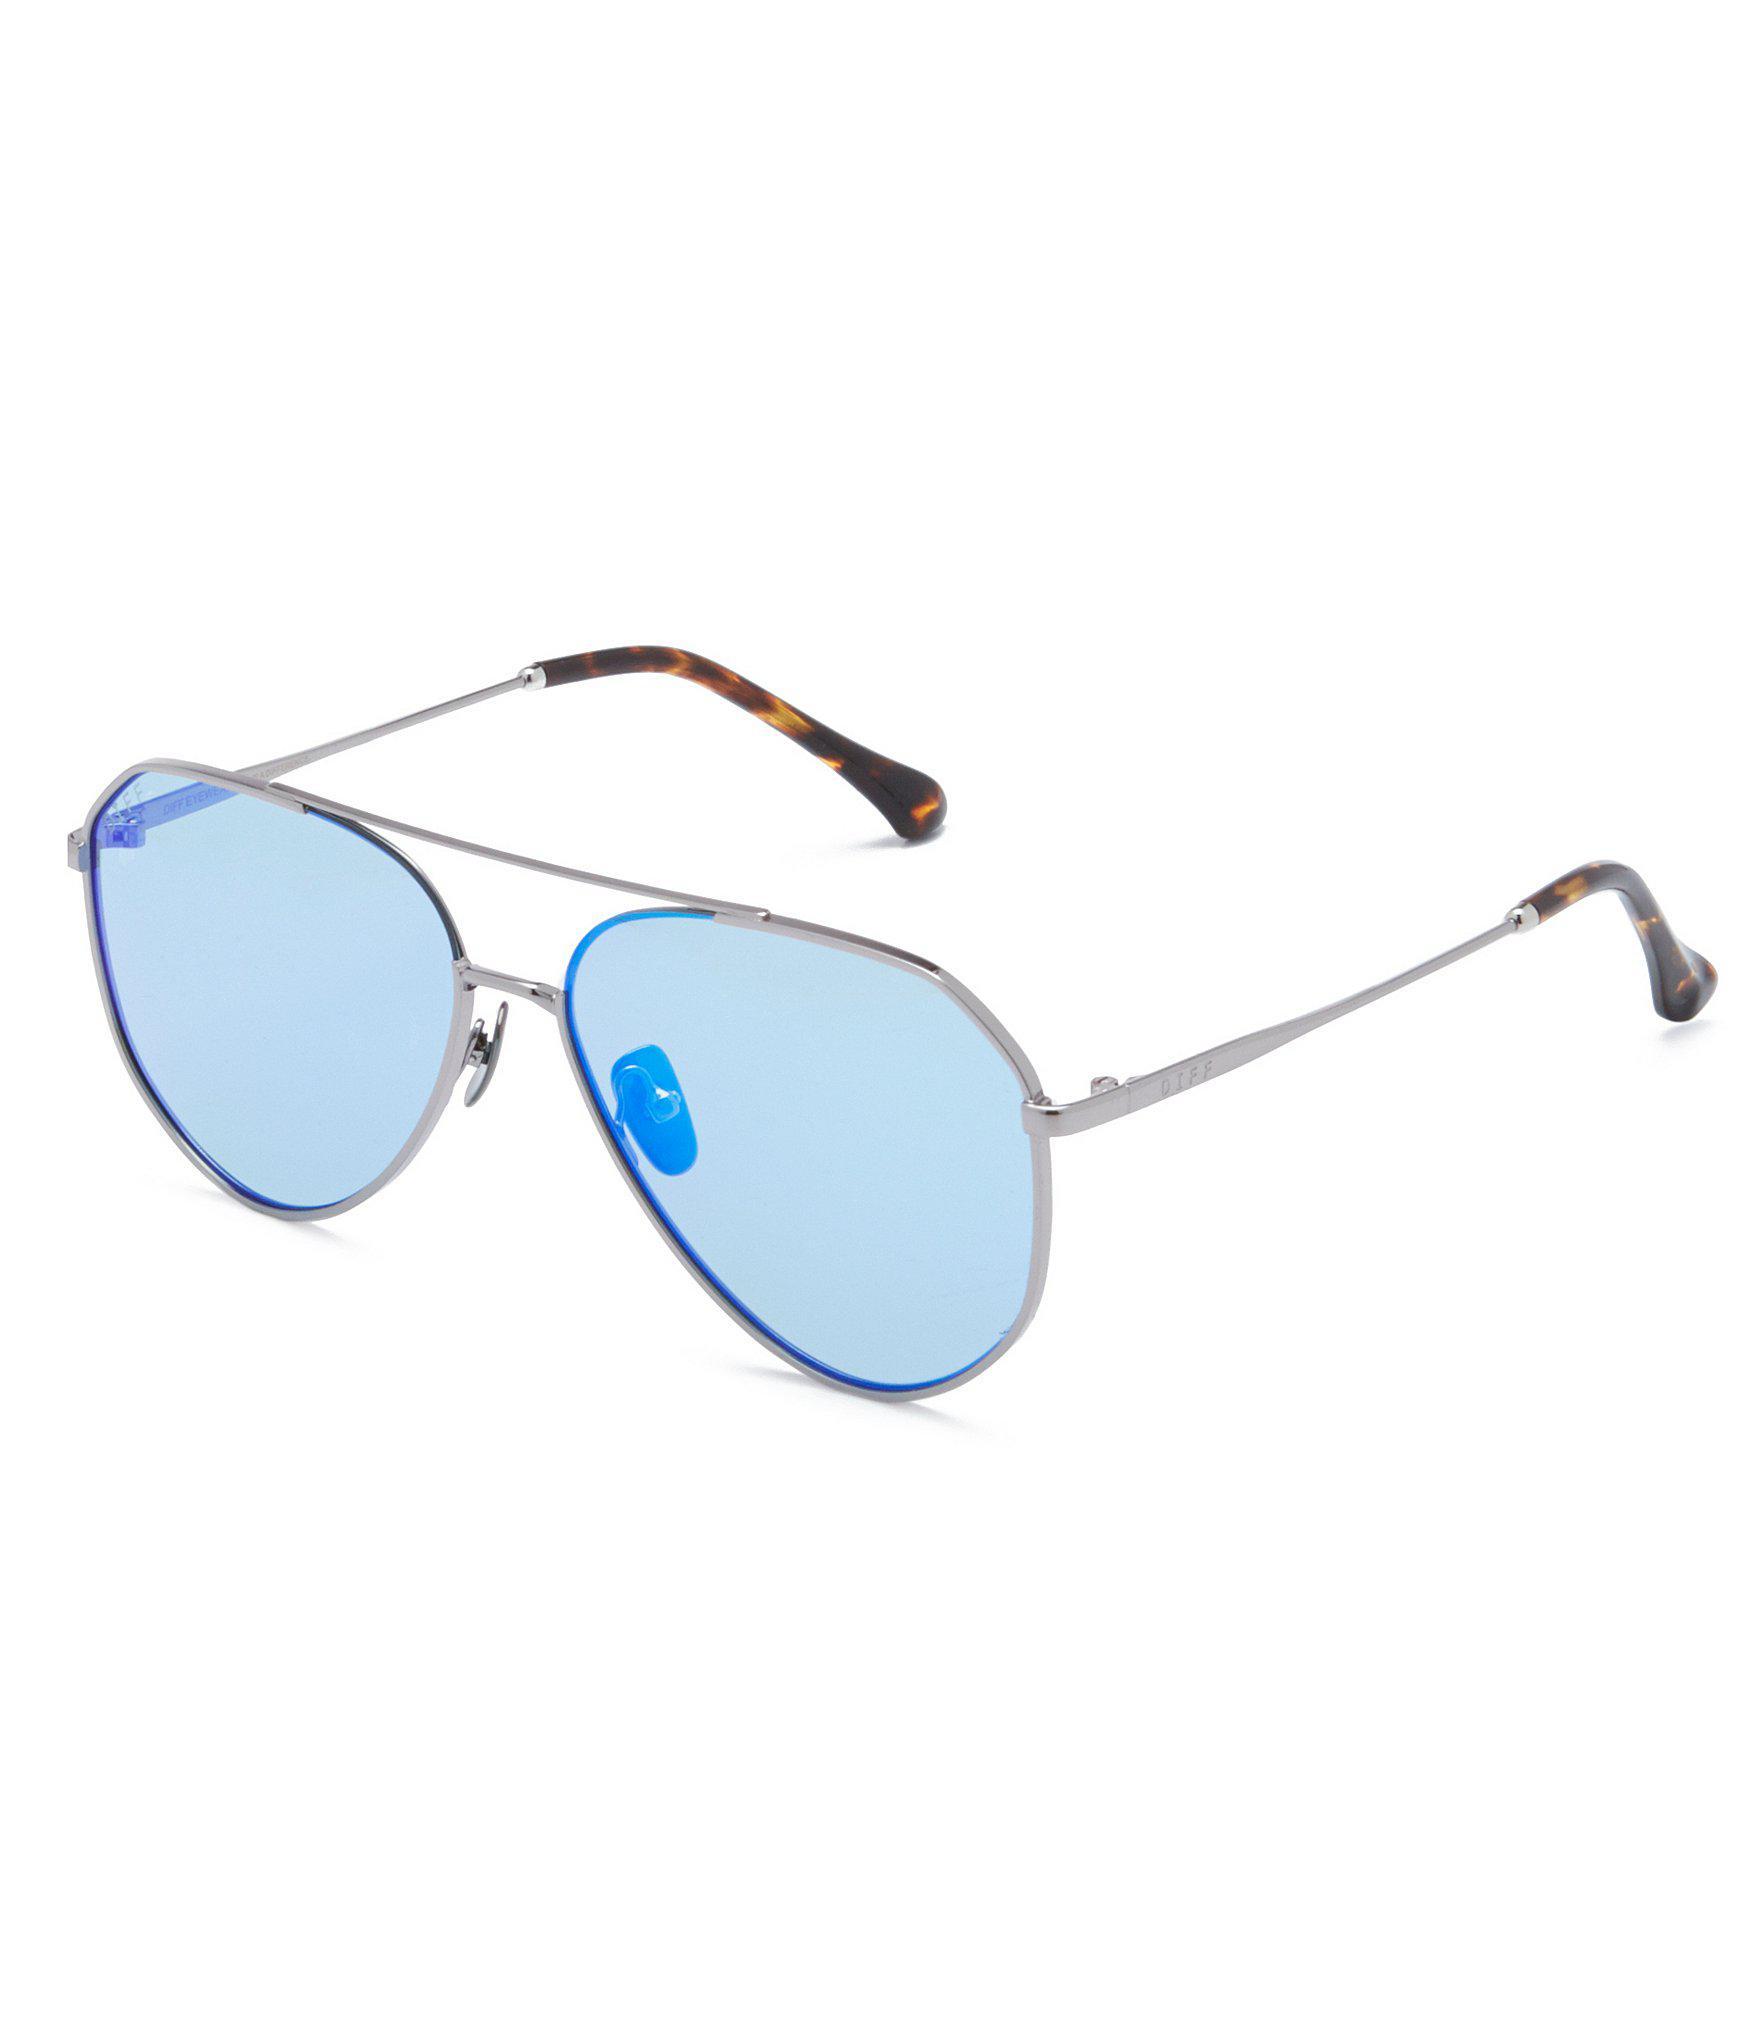 98f79cbb902ff Lyst - DIFF Dash Polarized Mirrored Aviator Sunglasses in Blue